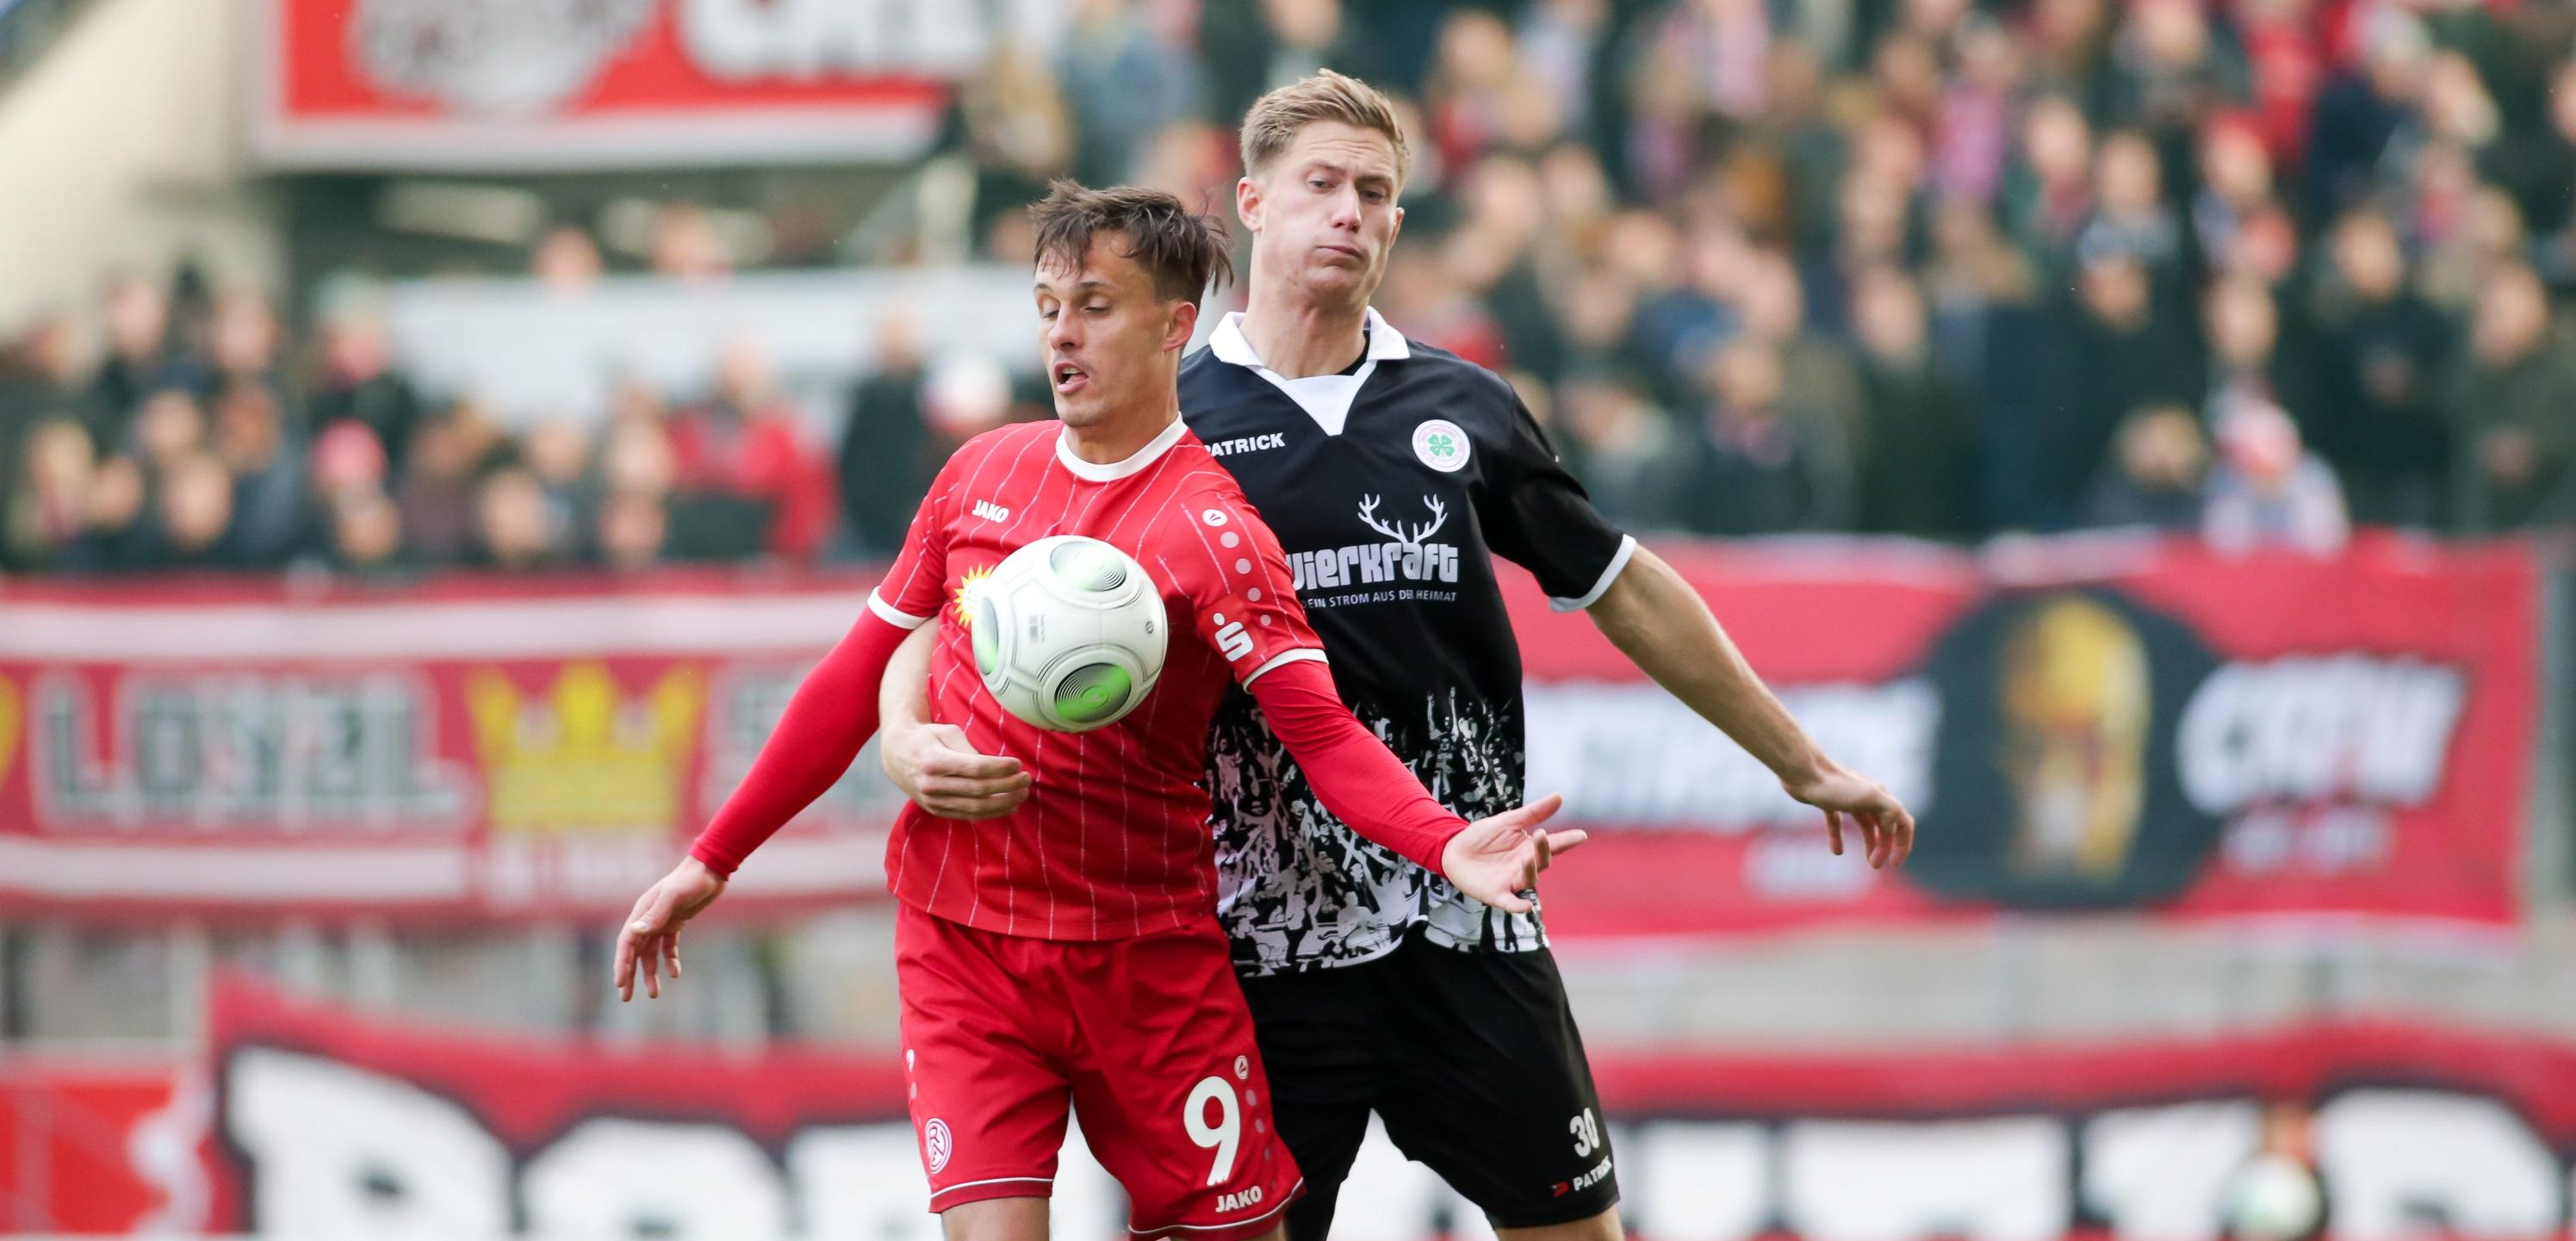 Im Hinspiel erspielte RWO ein 1:1 an der Hafenstraße. (Foto: Endberg)